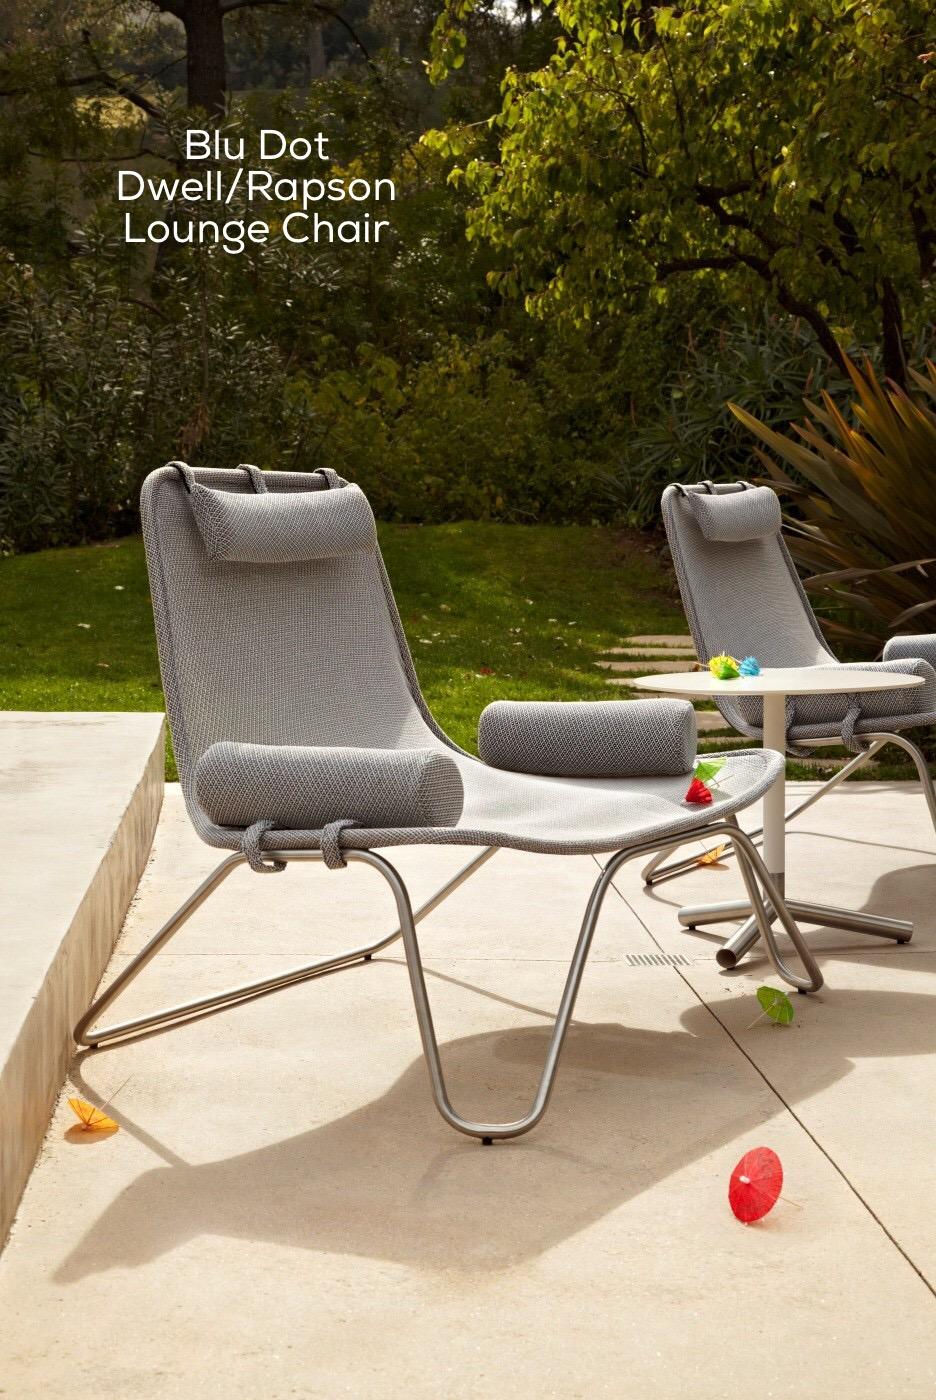 Blu Dot Dwell/Rapson Lounge Chair